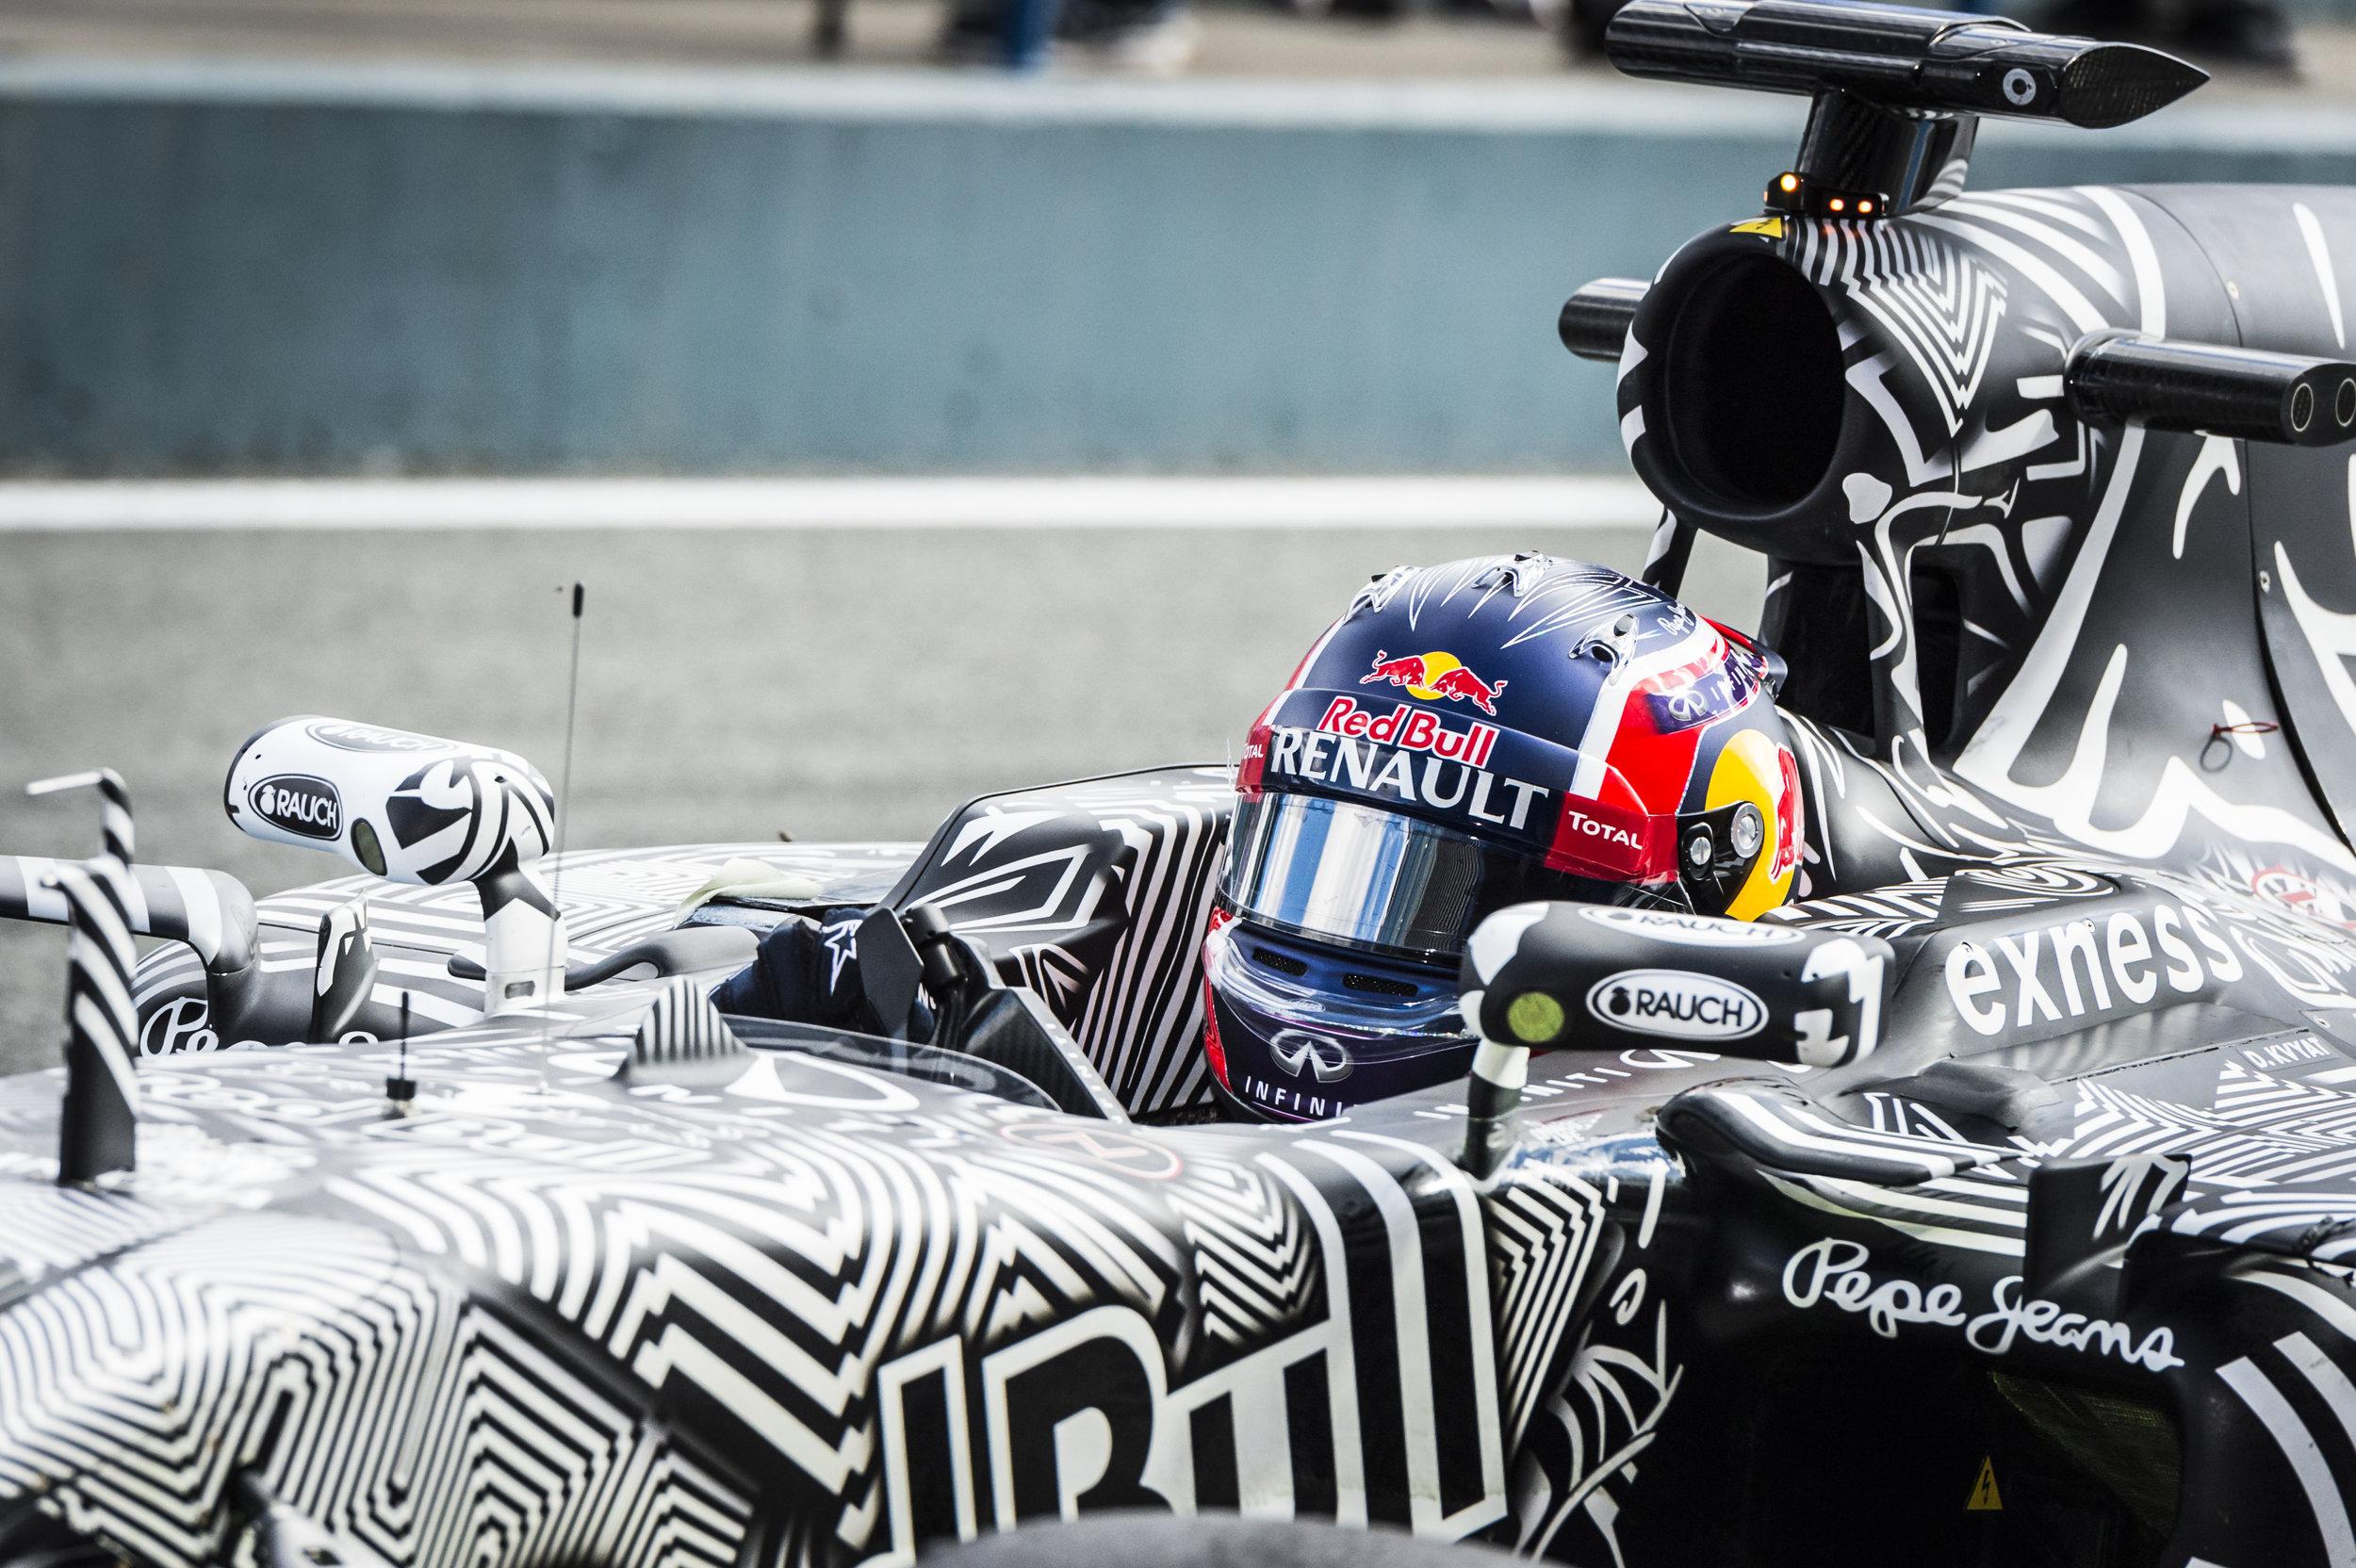 Daniil Kvyat Jerez 2015 (3 of 4)-2.jpg